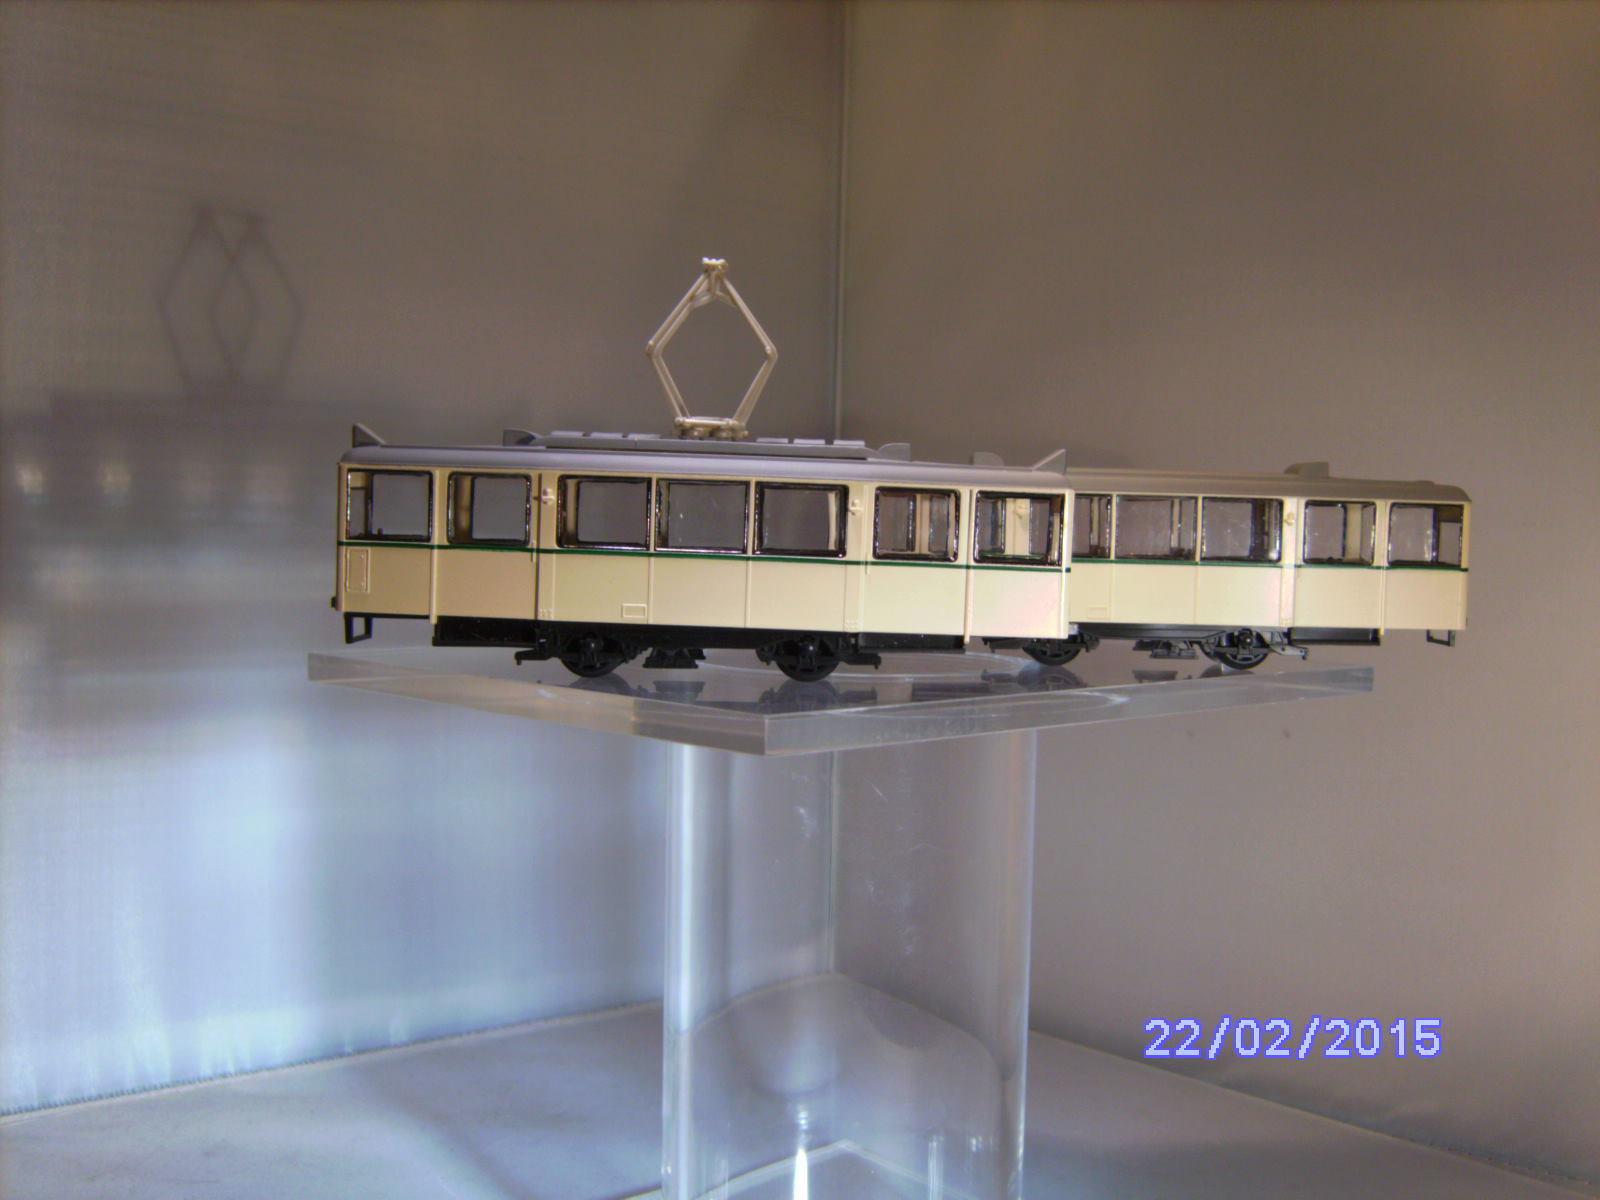 90019 tram KSW TW + BW tram Augusta h0 senza attacco, con etichette